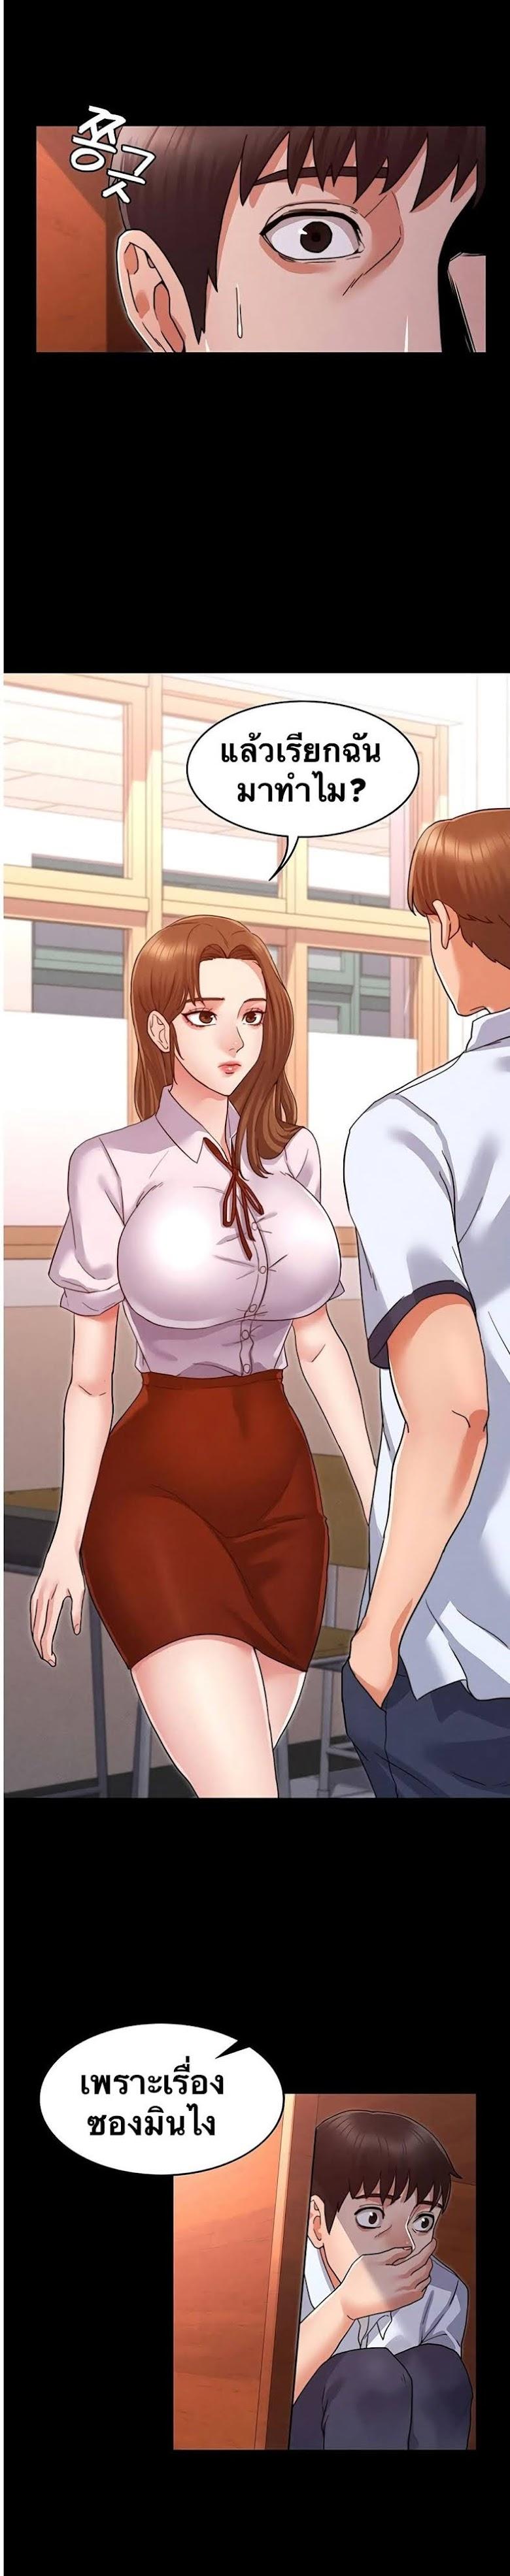 Teacher Punishment - หน้า 28